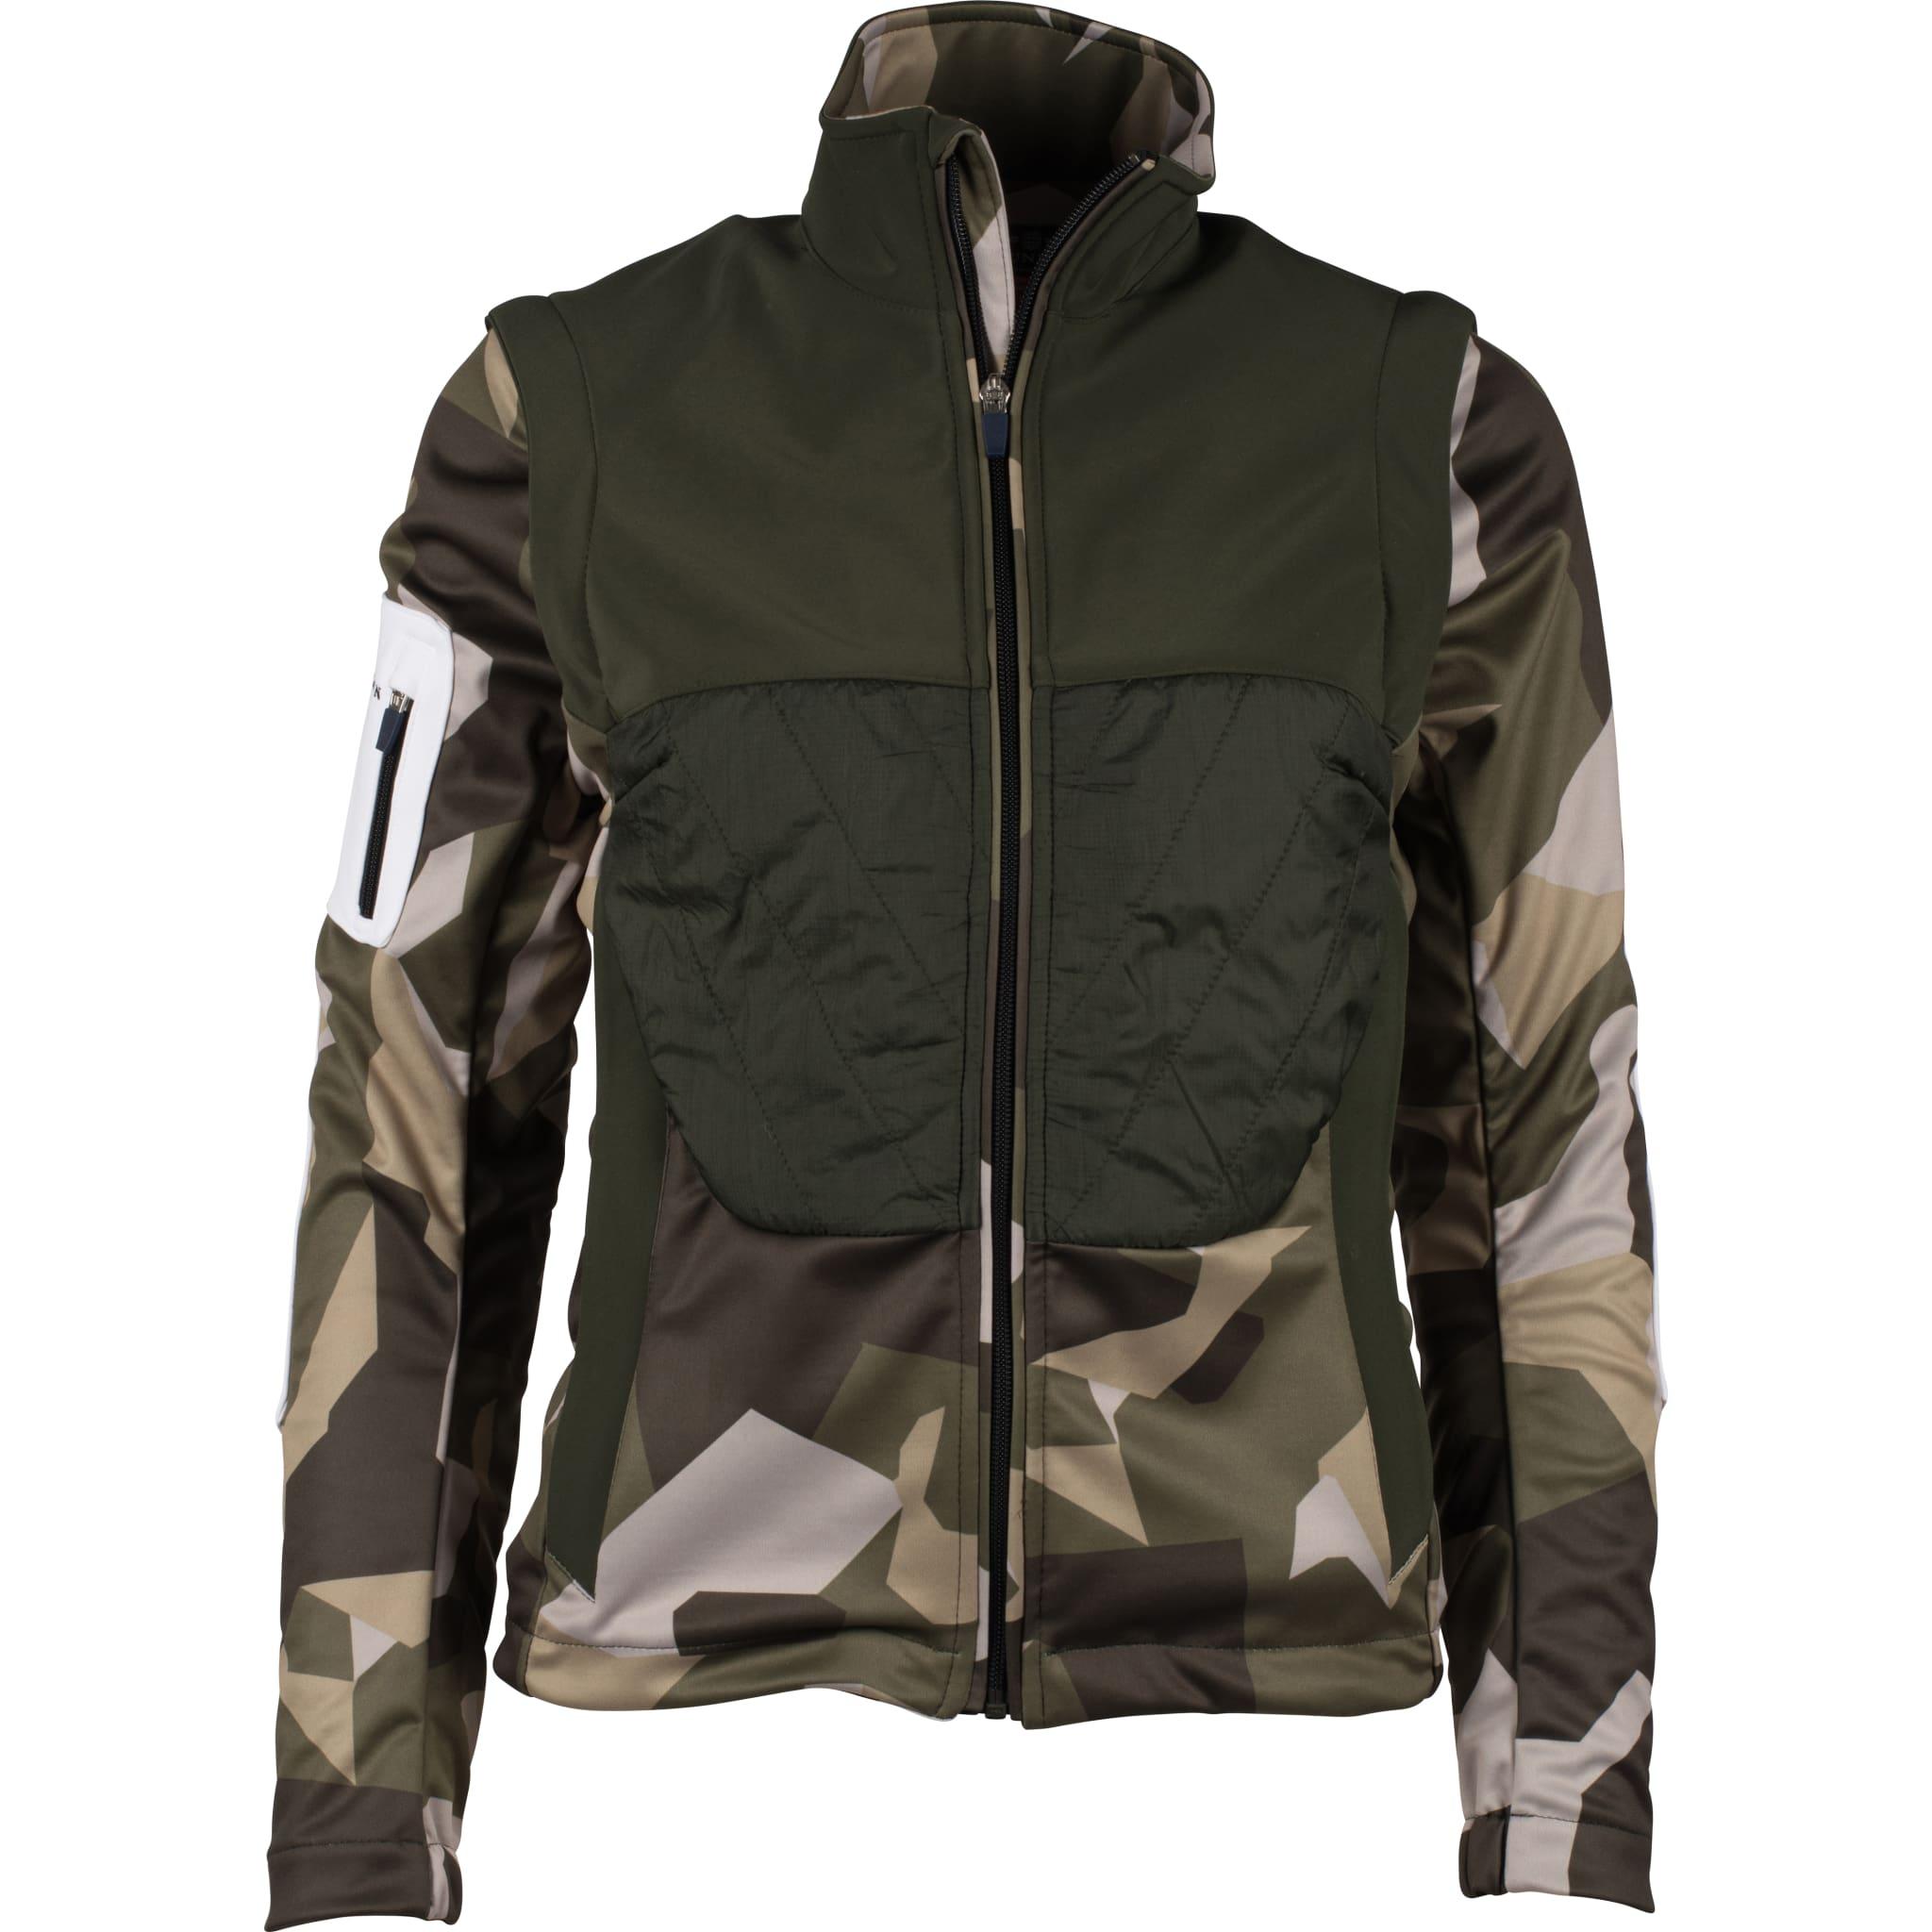 Allsidig jakke for alle vinteraktiviteter med avtagbare ermer